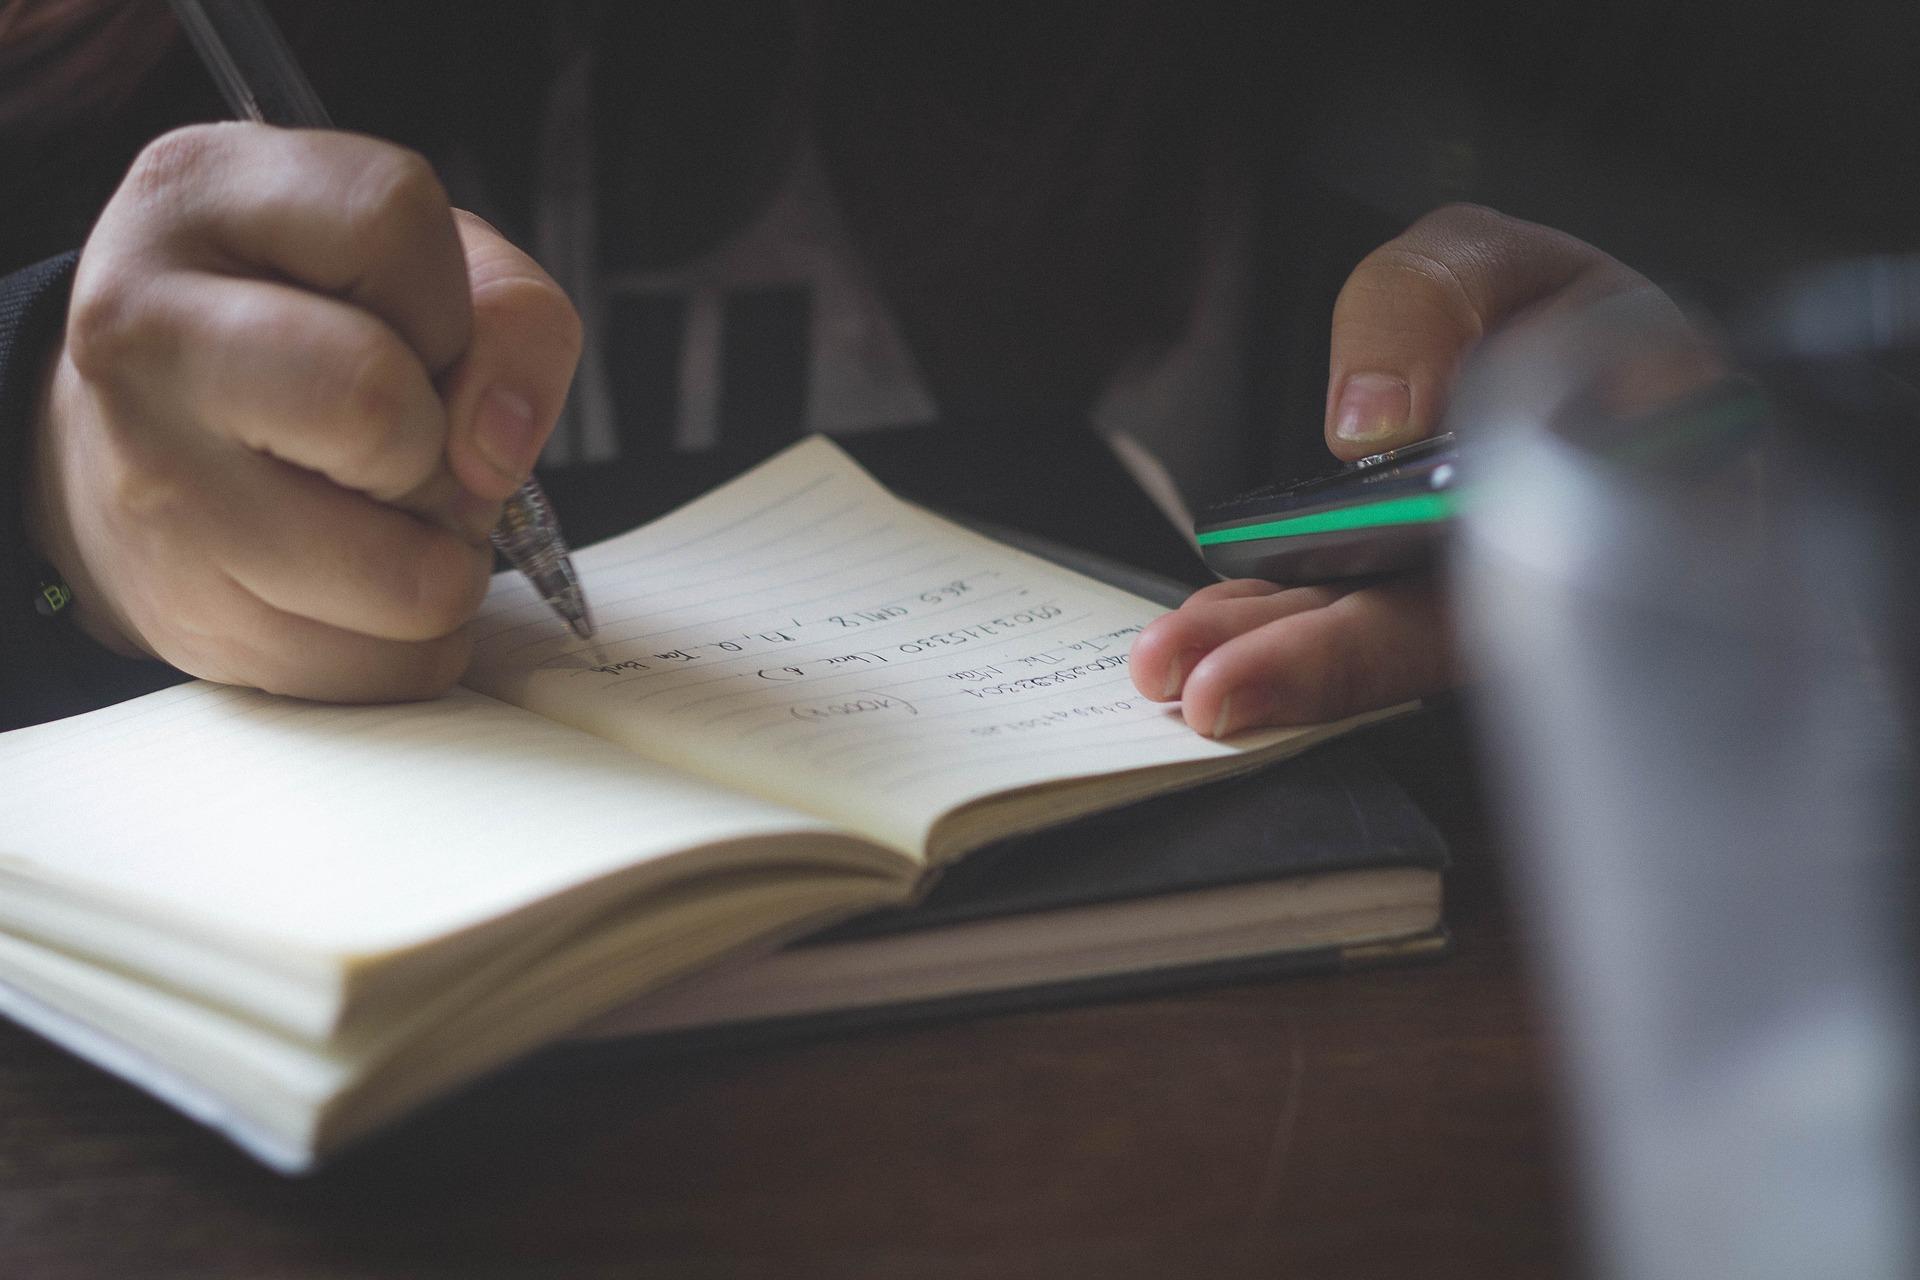 Vyhledávání poznámek copywritin